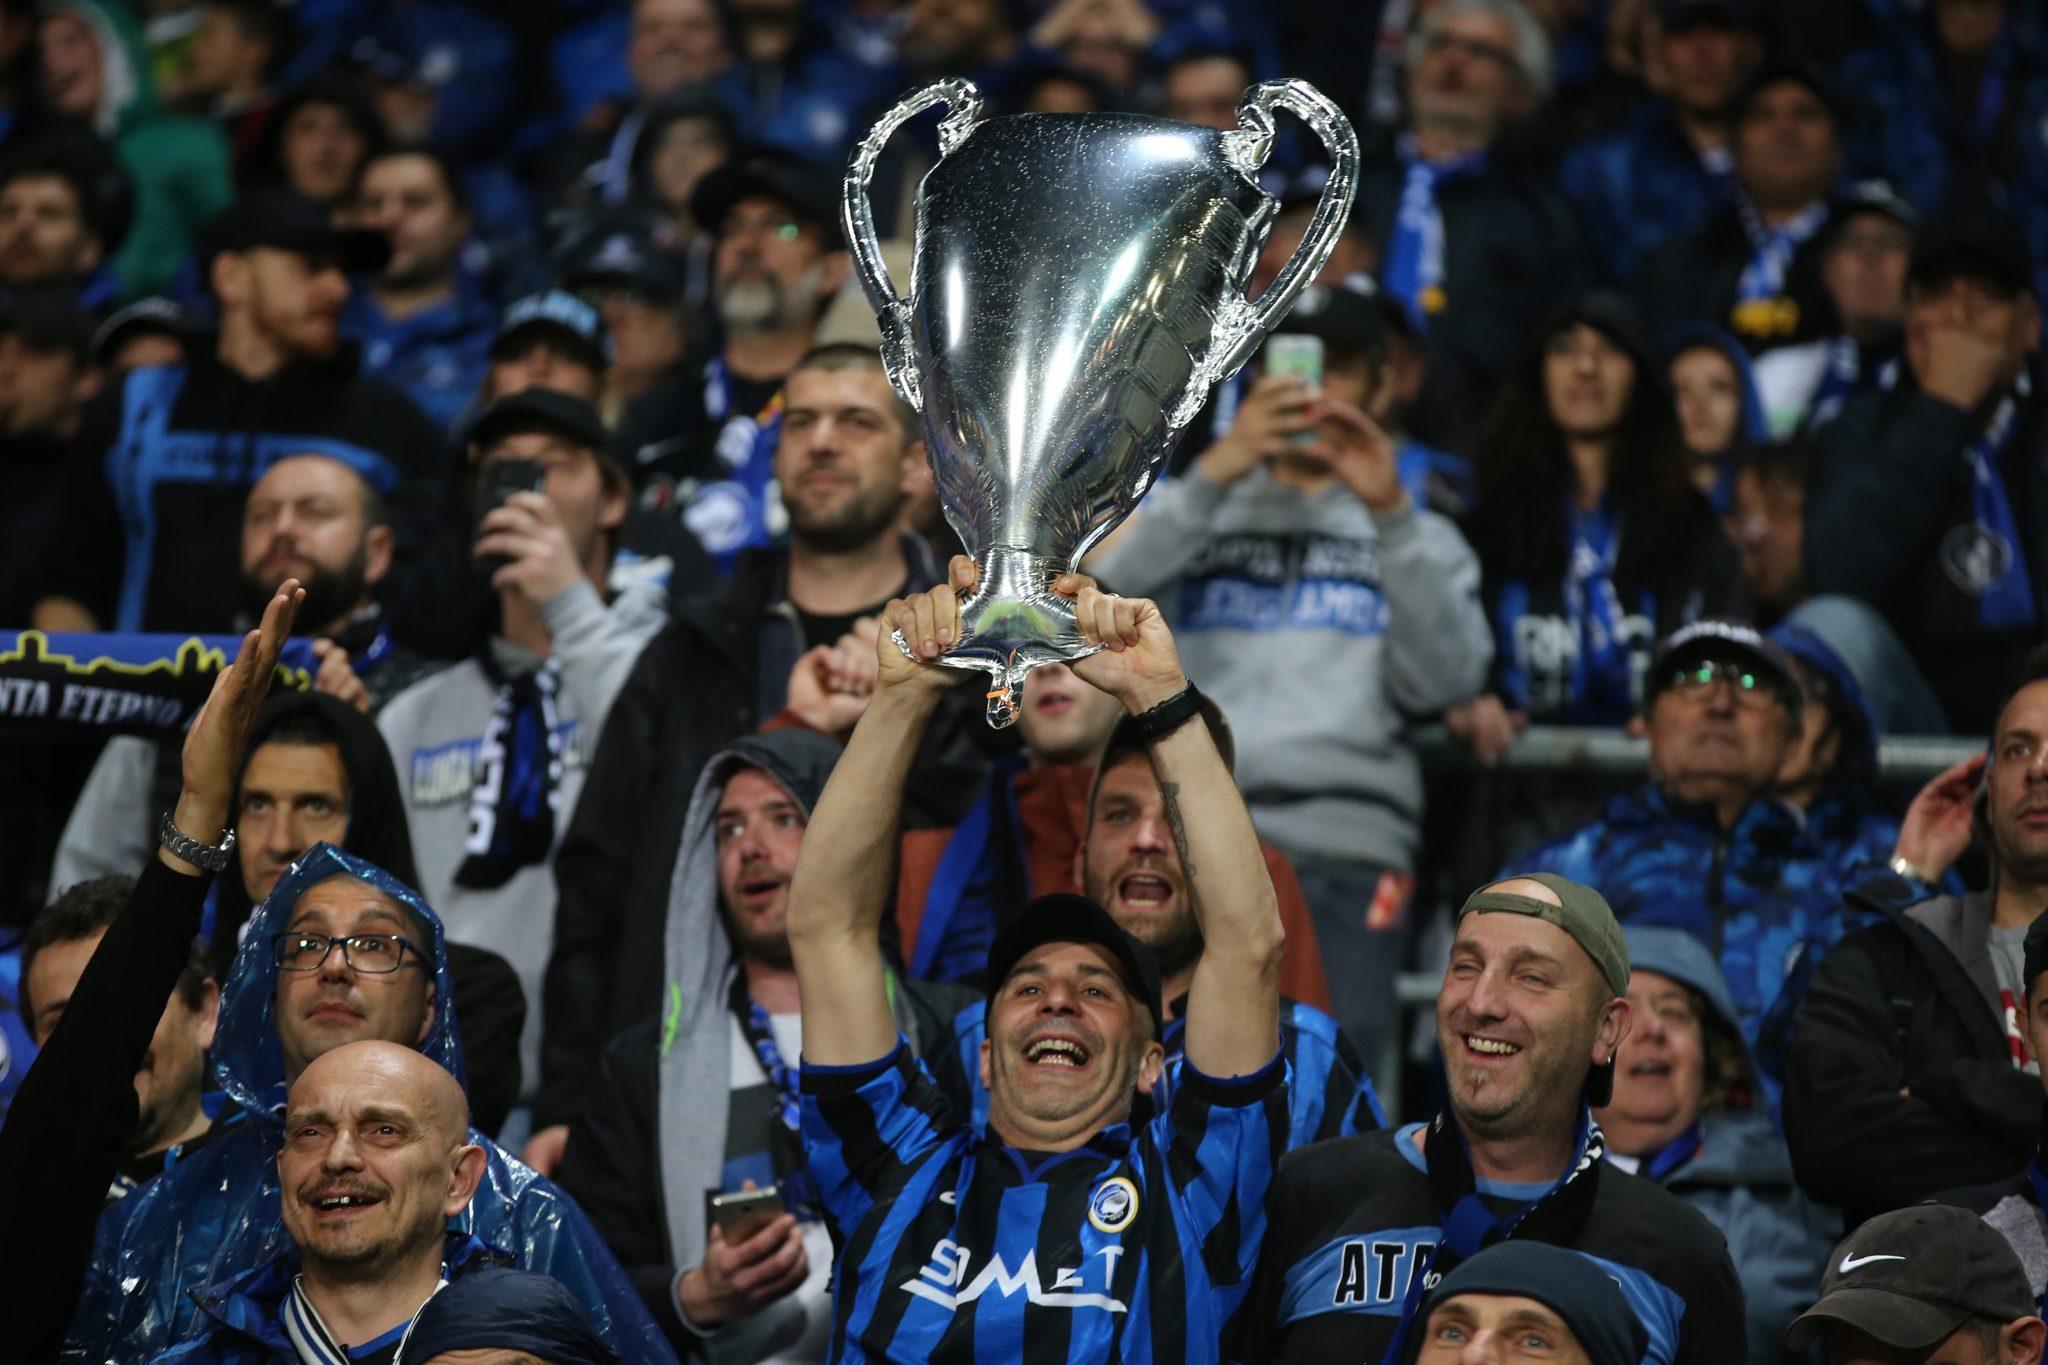 I-tifosi-dellAtalanta-non-vedeno-lora-di-assistere-allesordio-della-loro-squadra-in-Uefa-Champions-League